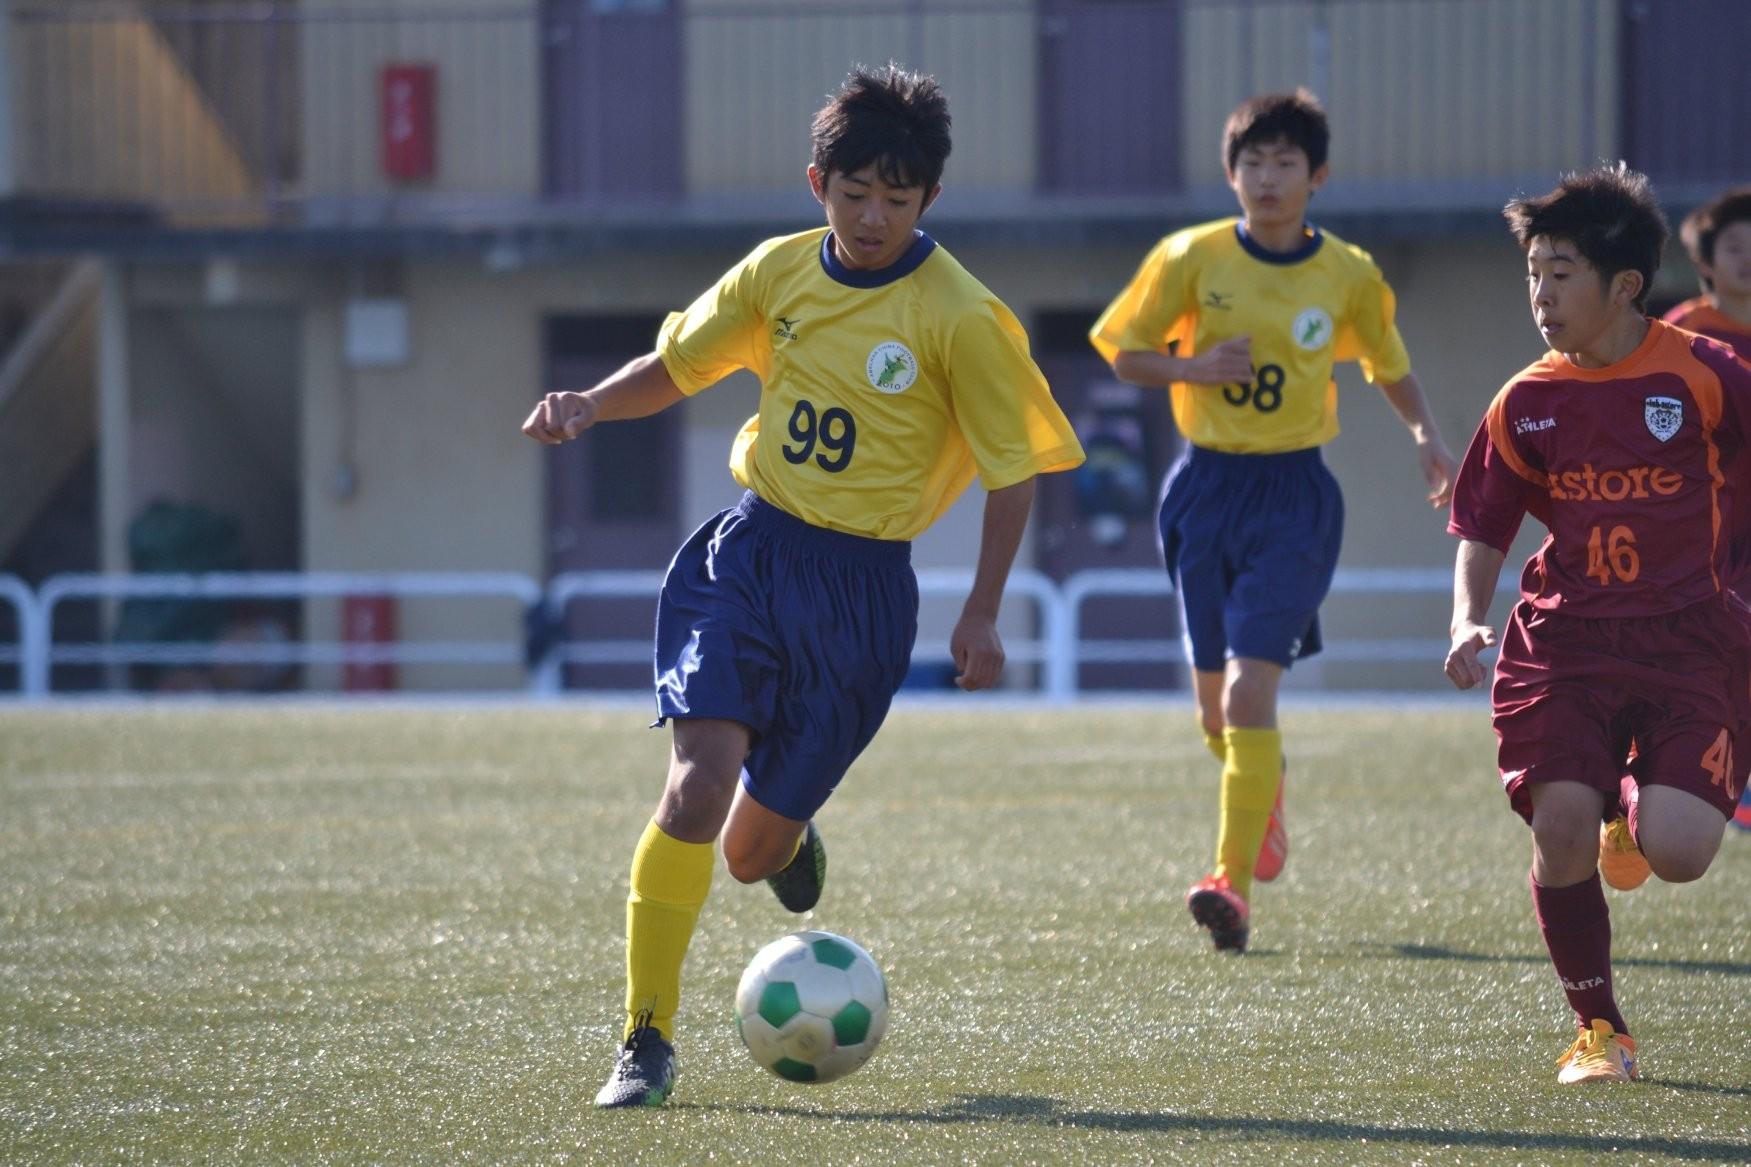 2015.11.3 U-13リーグ vs クラブ・アストーレ